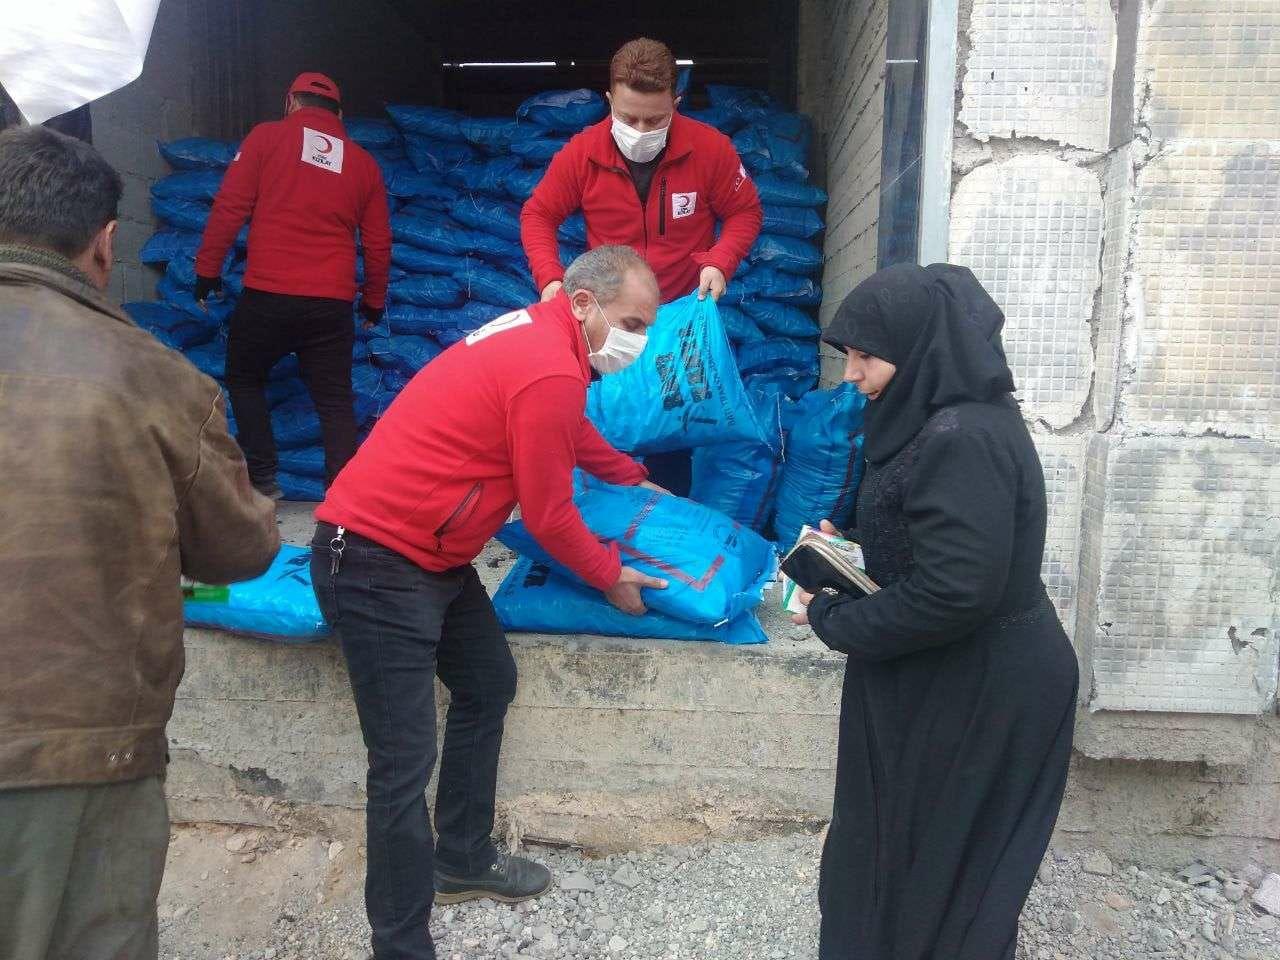 من جديد... الهلال الأحمر التركي يقدم المساعدات في عدة مناطق مختلفة ضمن الشمال السوري